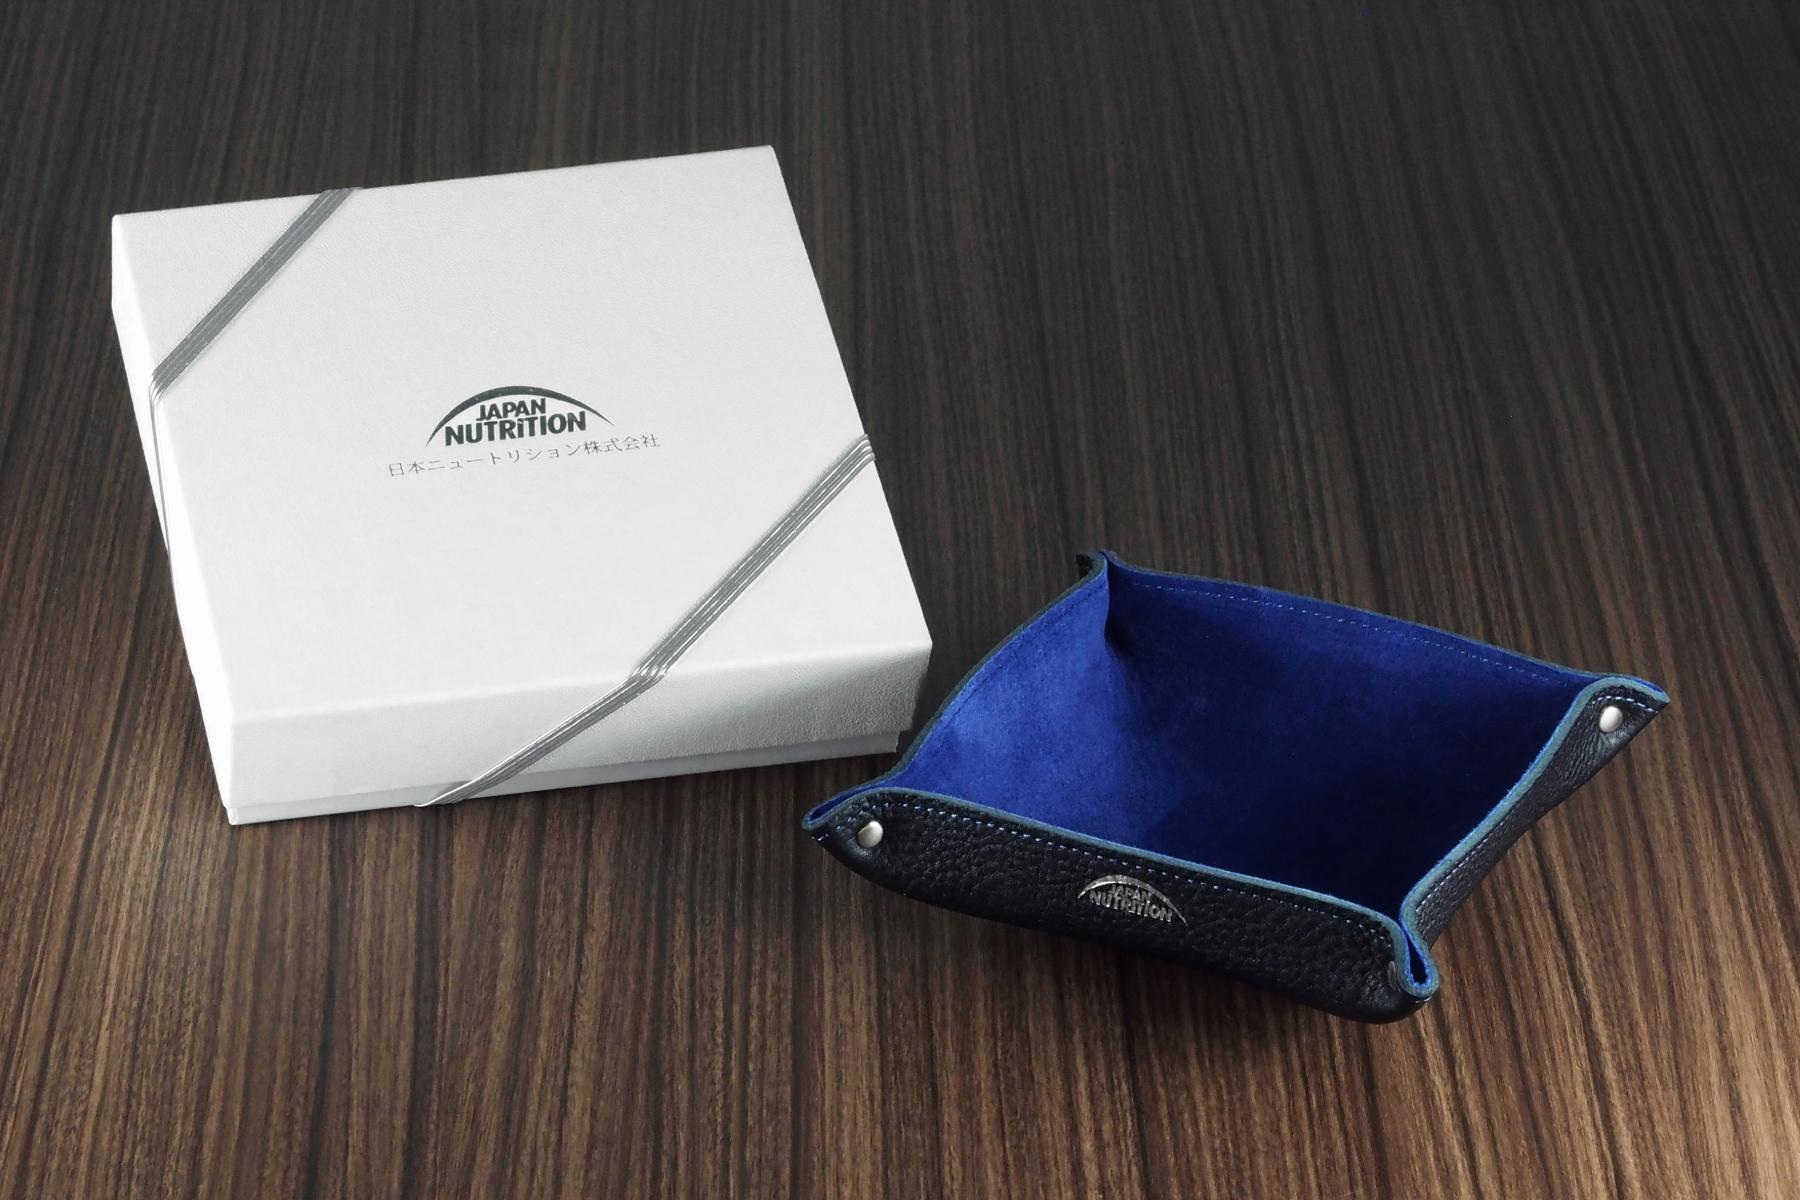 ナチュラル革トレー・オリエンタル仕様と記念品用化粧箱